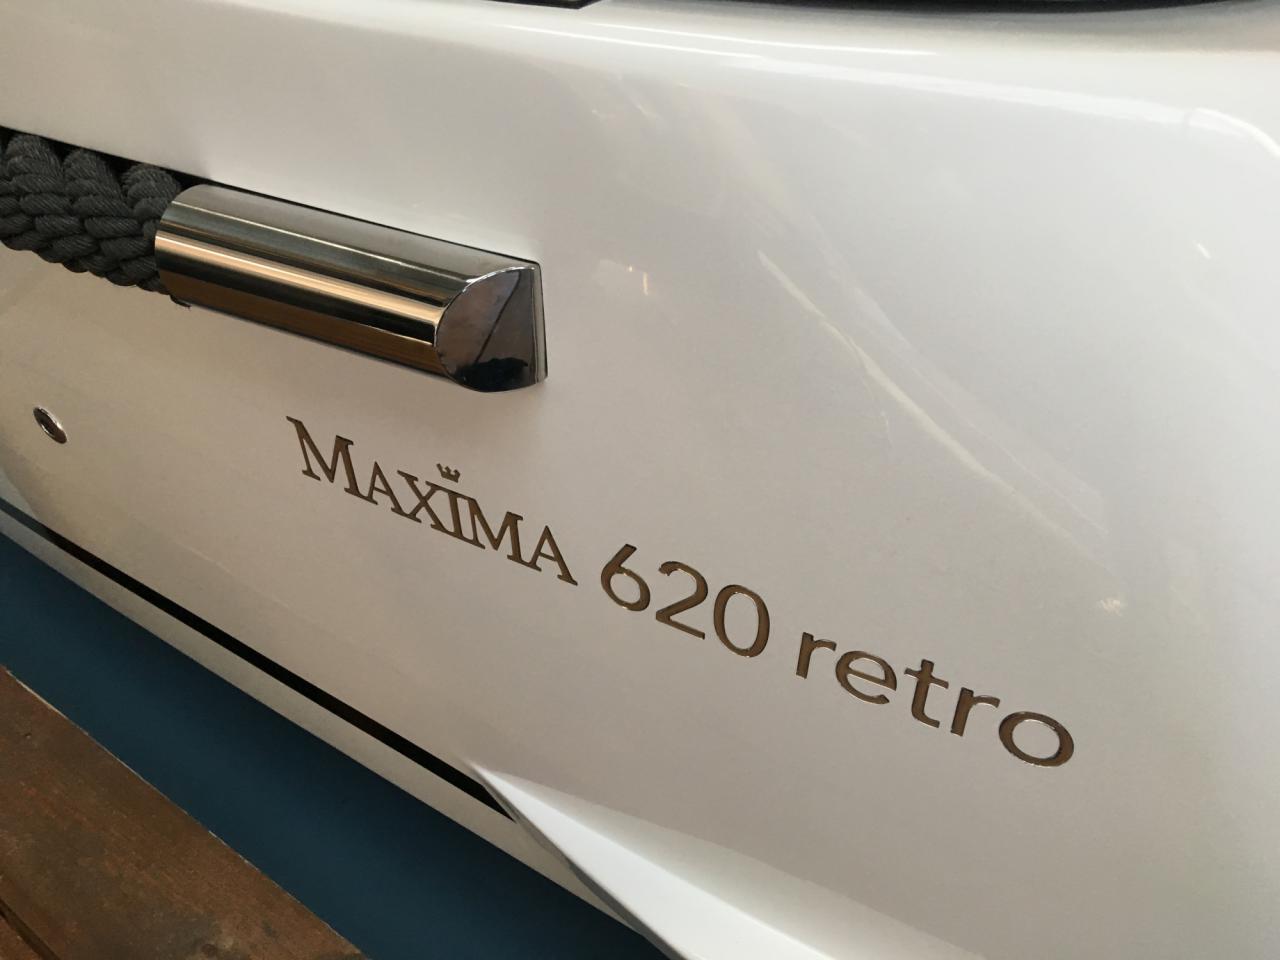 Maxima 620 Retro MC 35